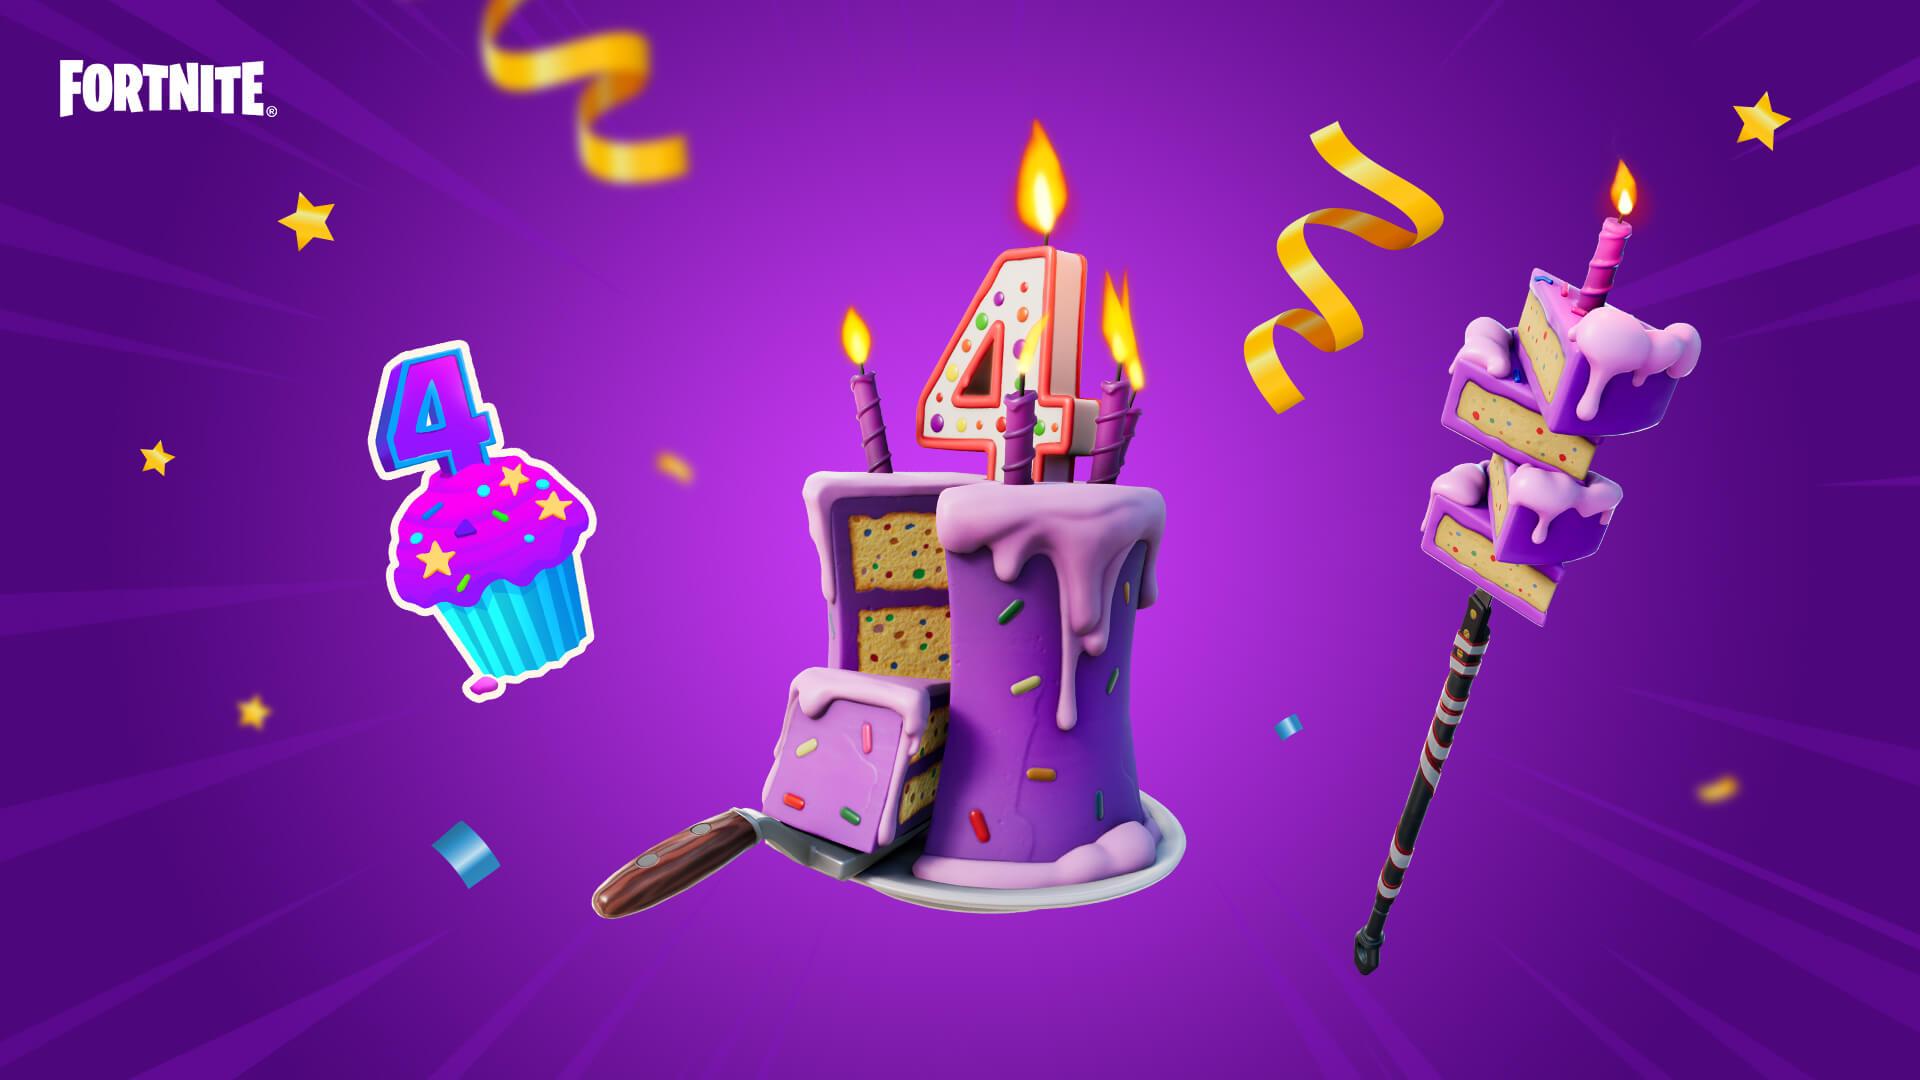 битва фортнайт празднует свое четвертое день рождения 2 - Королевская битва фортнайт празднует день рождения!